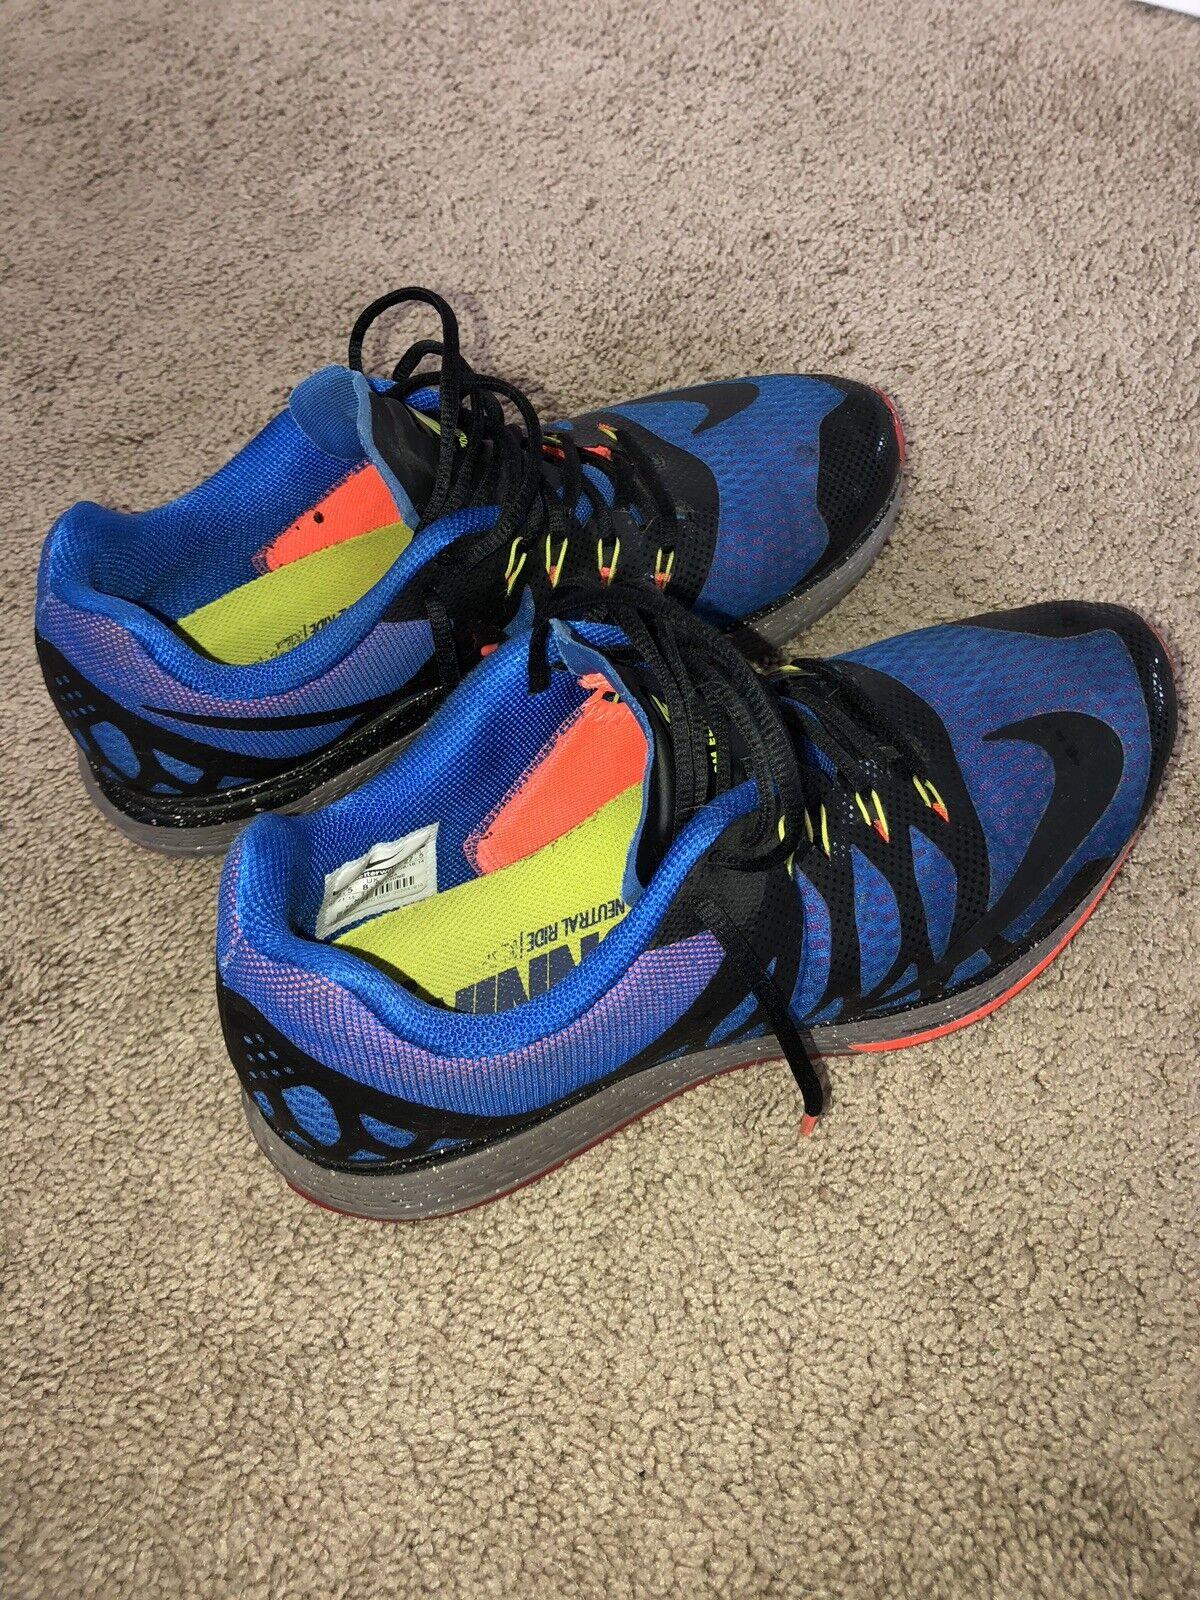 online store 7e986 7d8da Nike zoom elite 7 uomini scarpe scarpe scarpe taglia 9,5   Speciale Offerta  7c221d